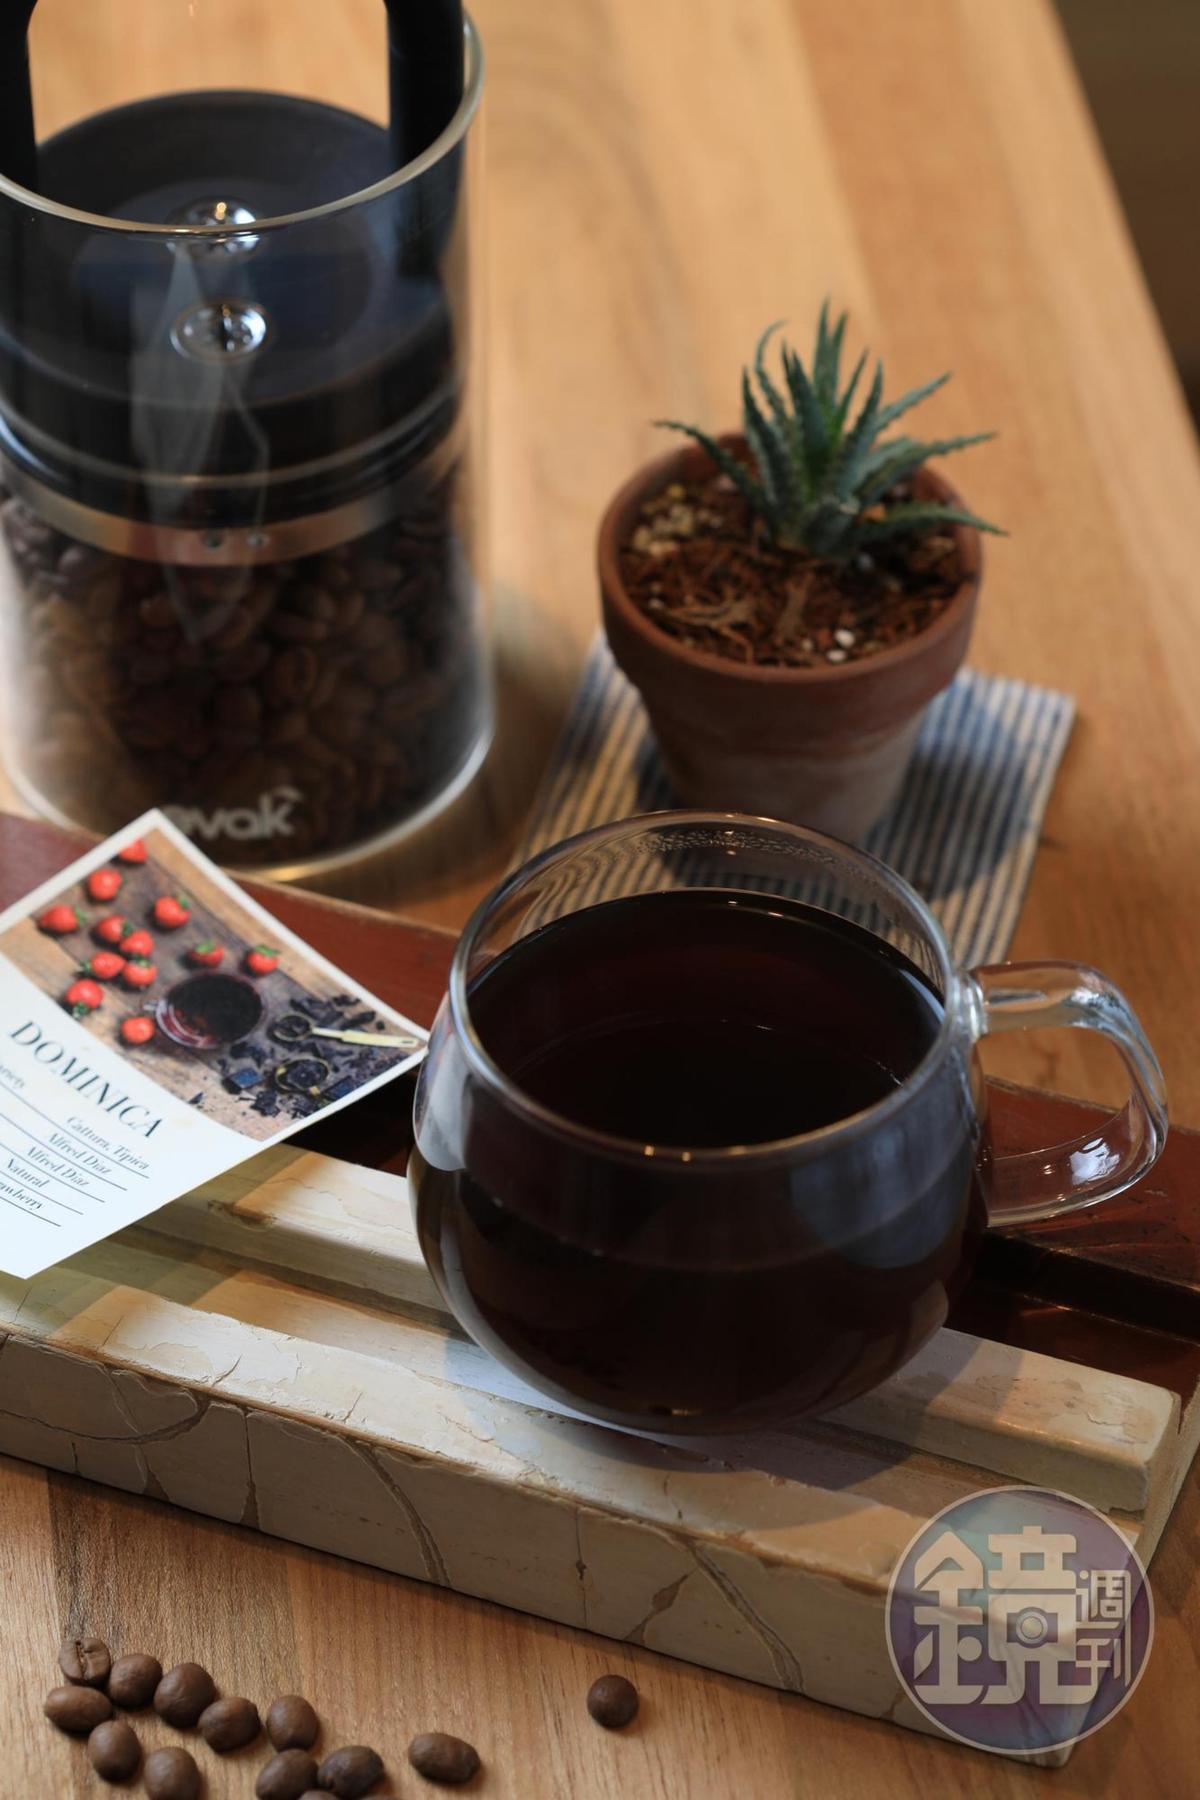 用多米尼克莊園豆煮成的「手沖咖啡」,有莓果香氣。(180元/杯)